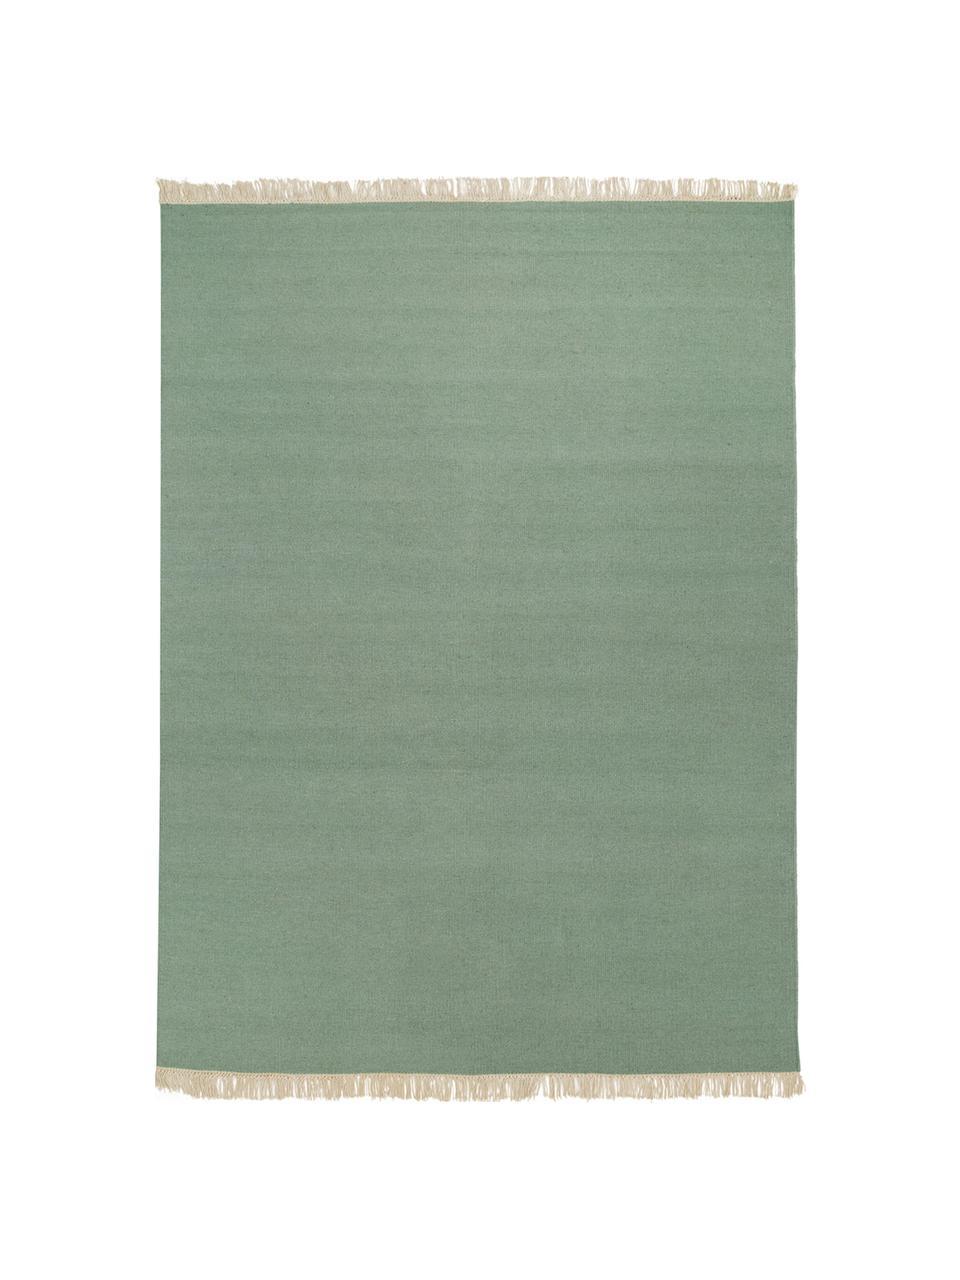 Handgeweven wollen vloerkleed Rainbow in groen met franjes, Franjes: 100% katoen, Pistachegroen, B 140 x L 200 cm (maat S)